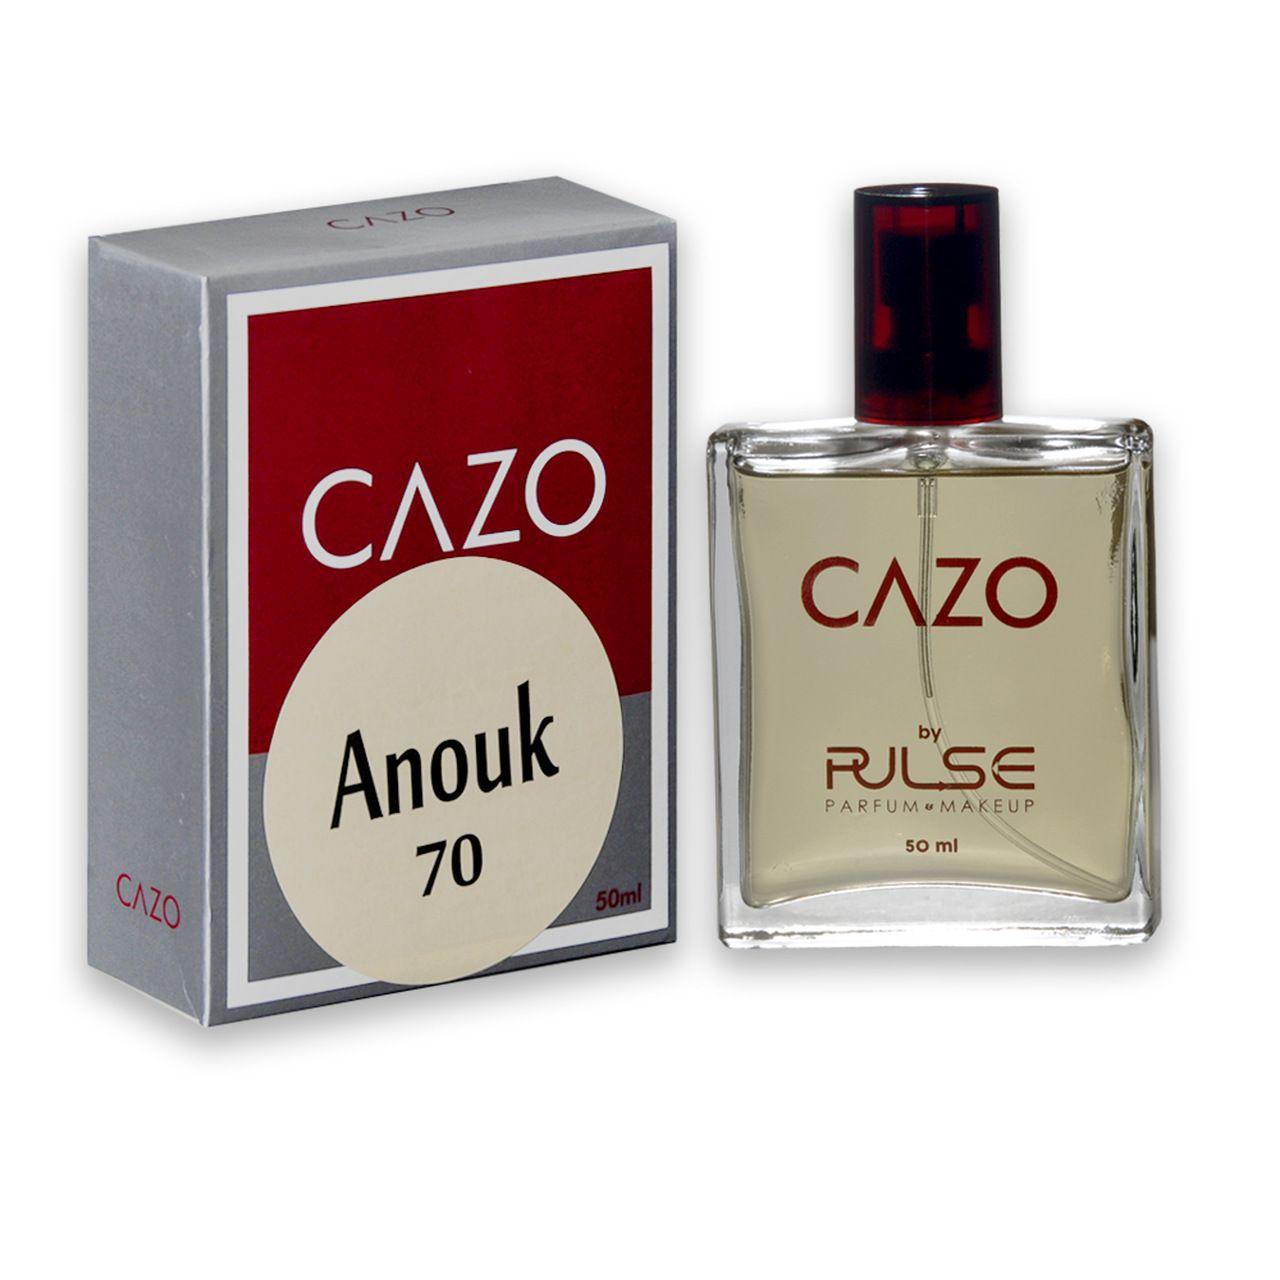 CAZO 70 - 50ml